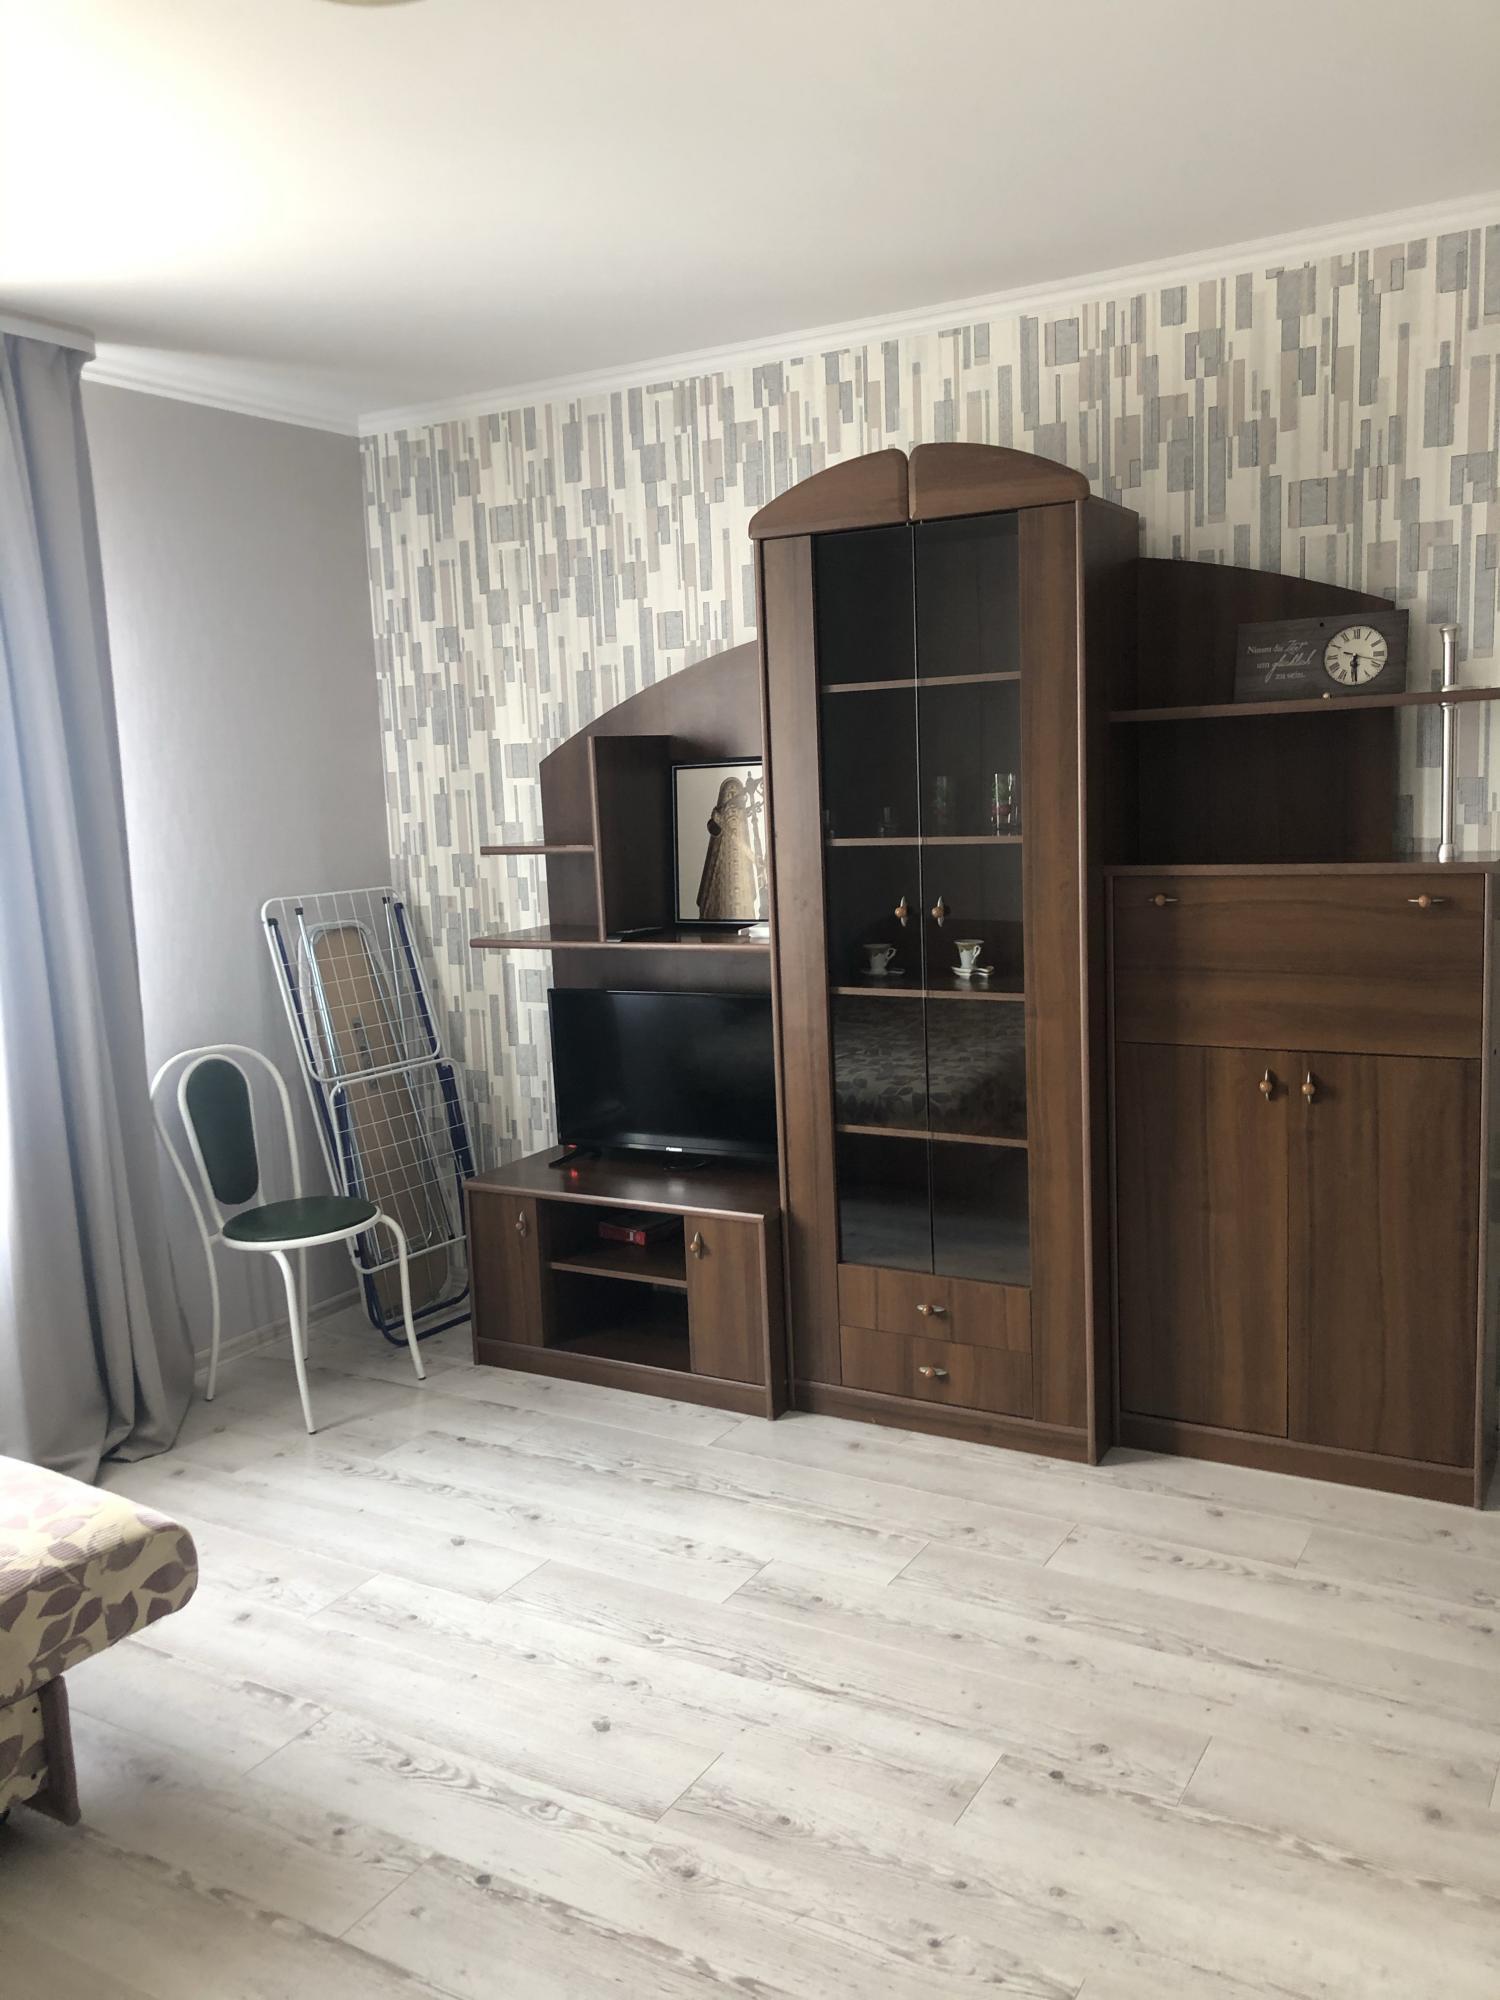 Квартира, студия, 25 м² 89104965847 купить 3